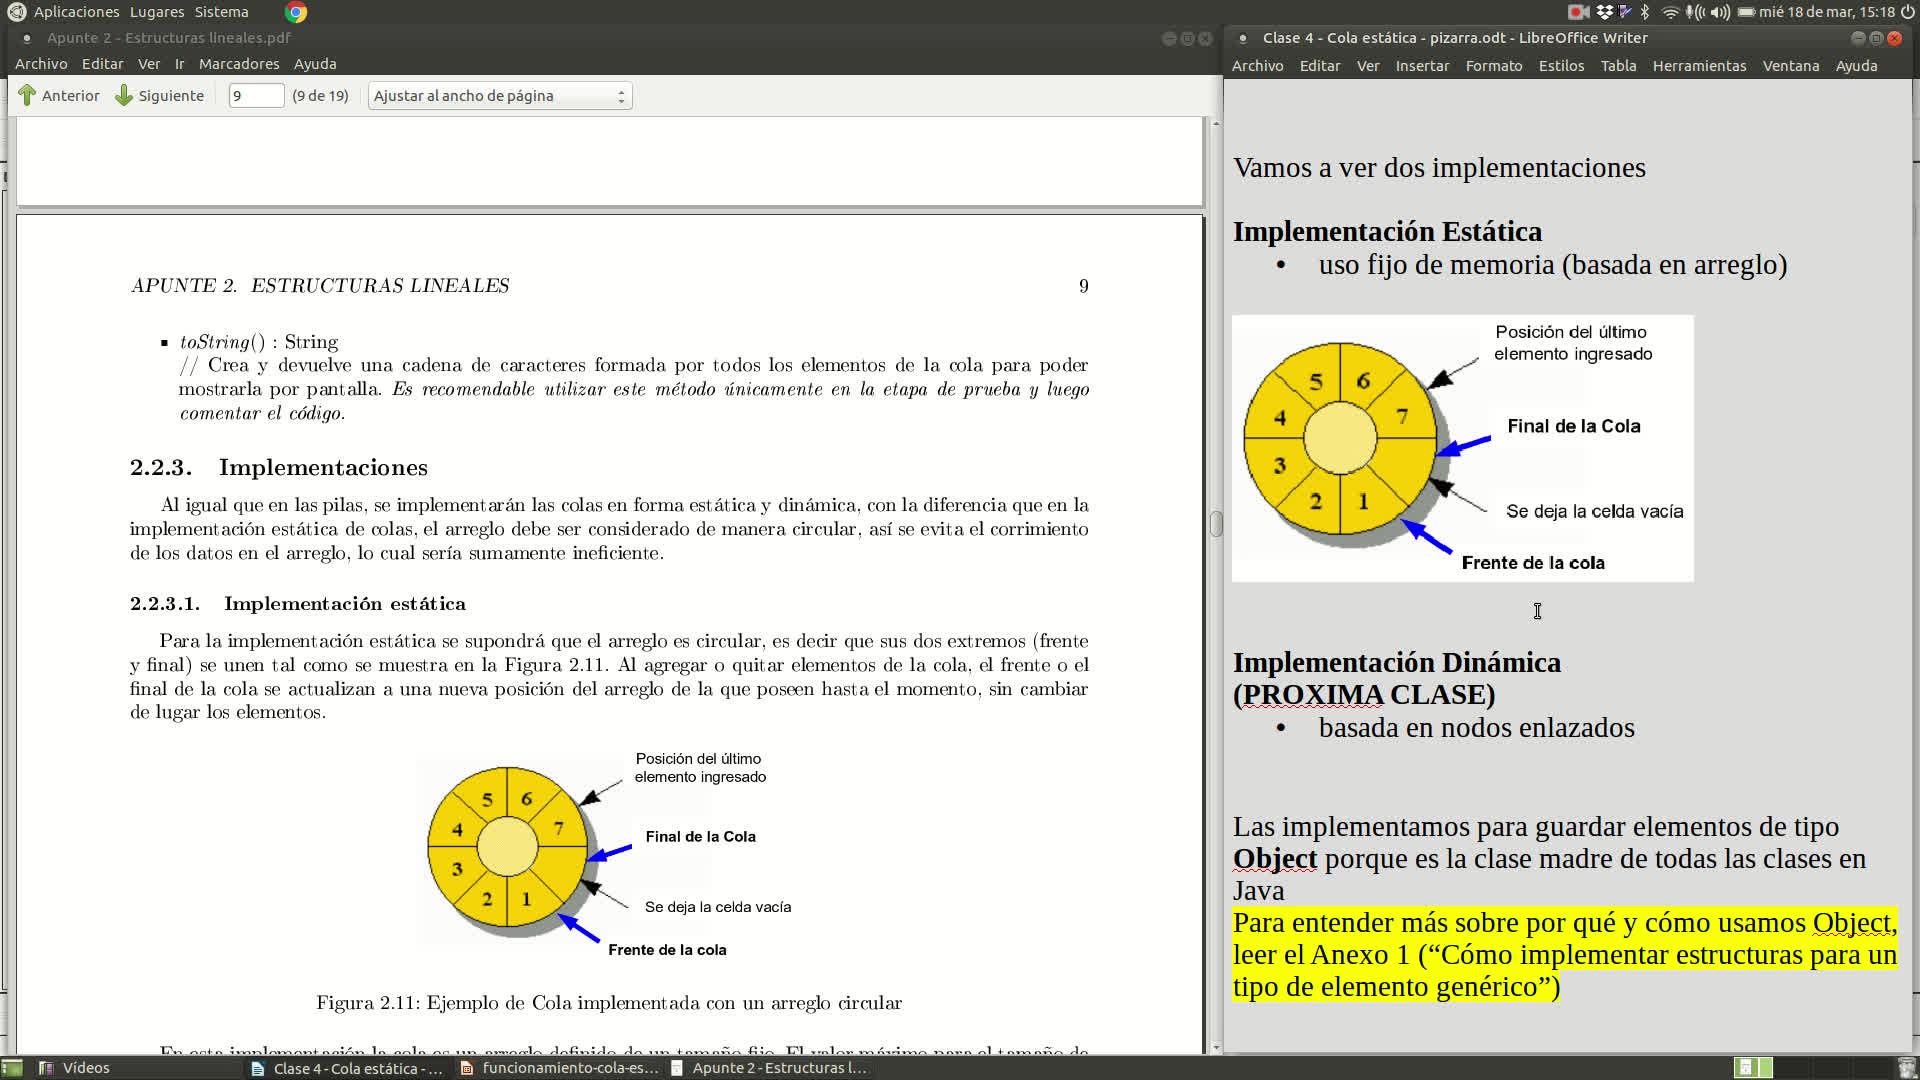 EDAT - Video 2.3 - TDA Cola (definición e implementación estática con arreglo circular)